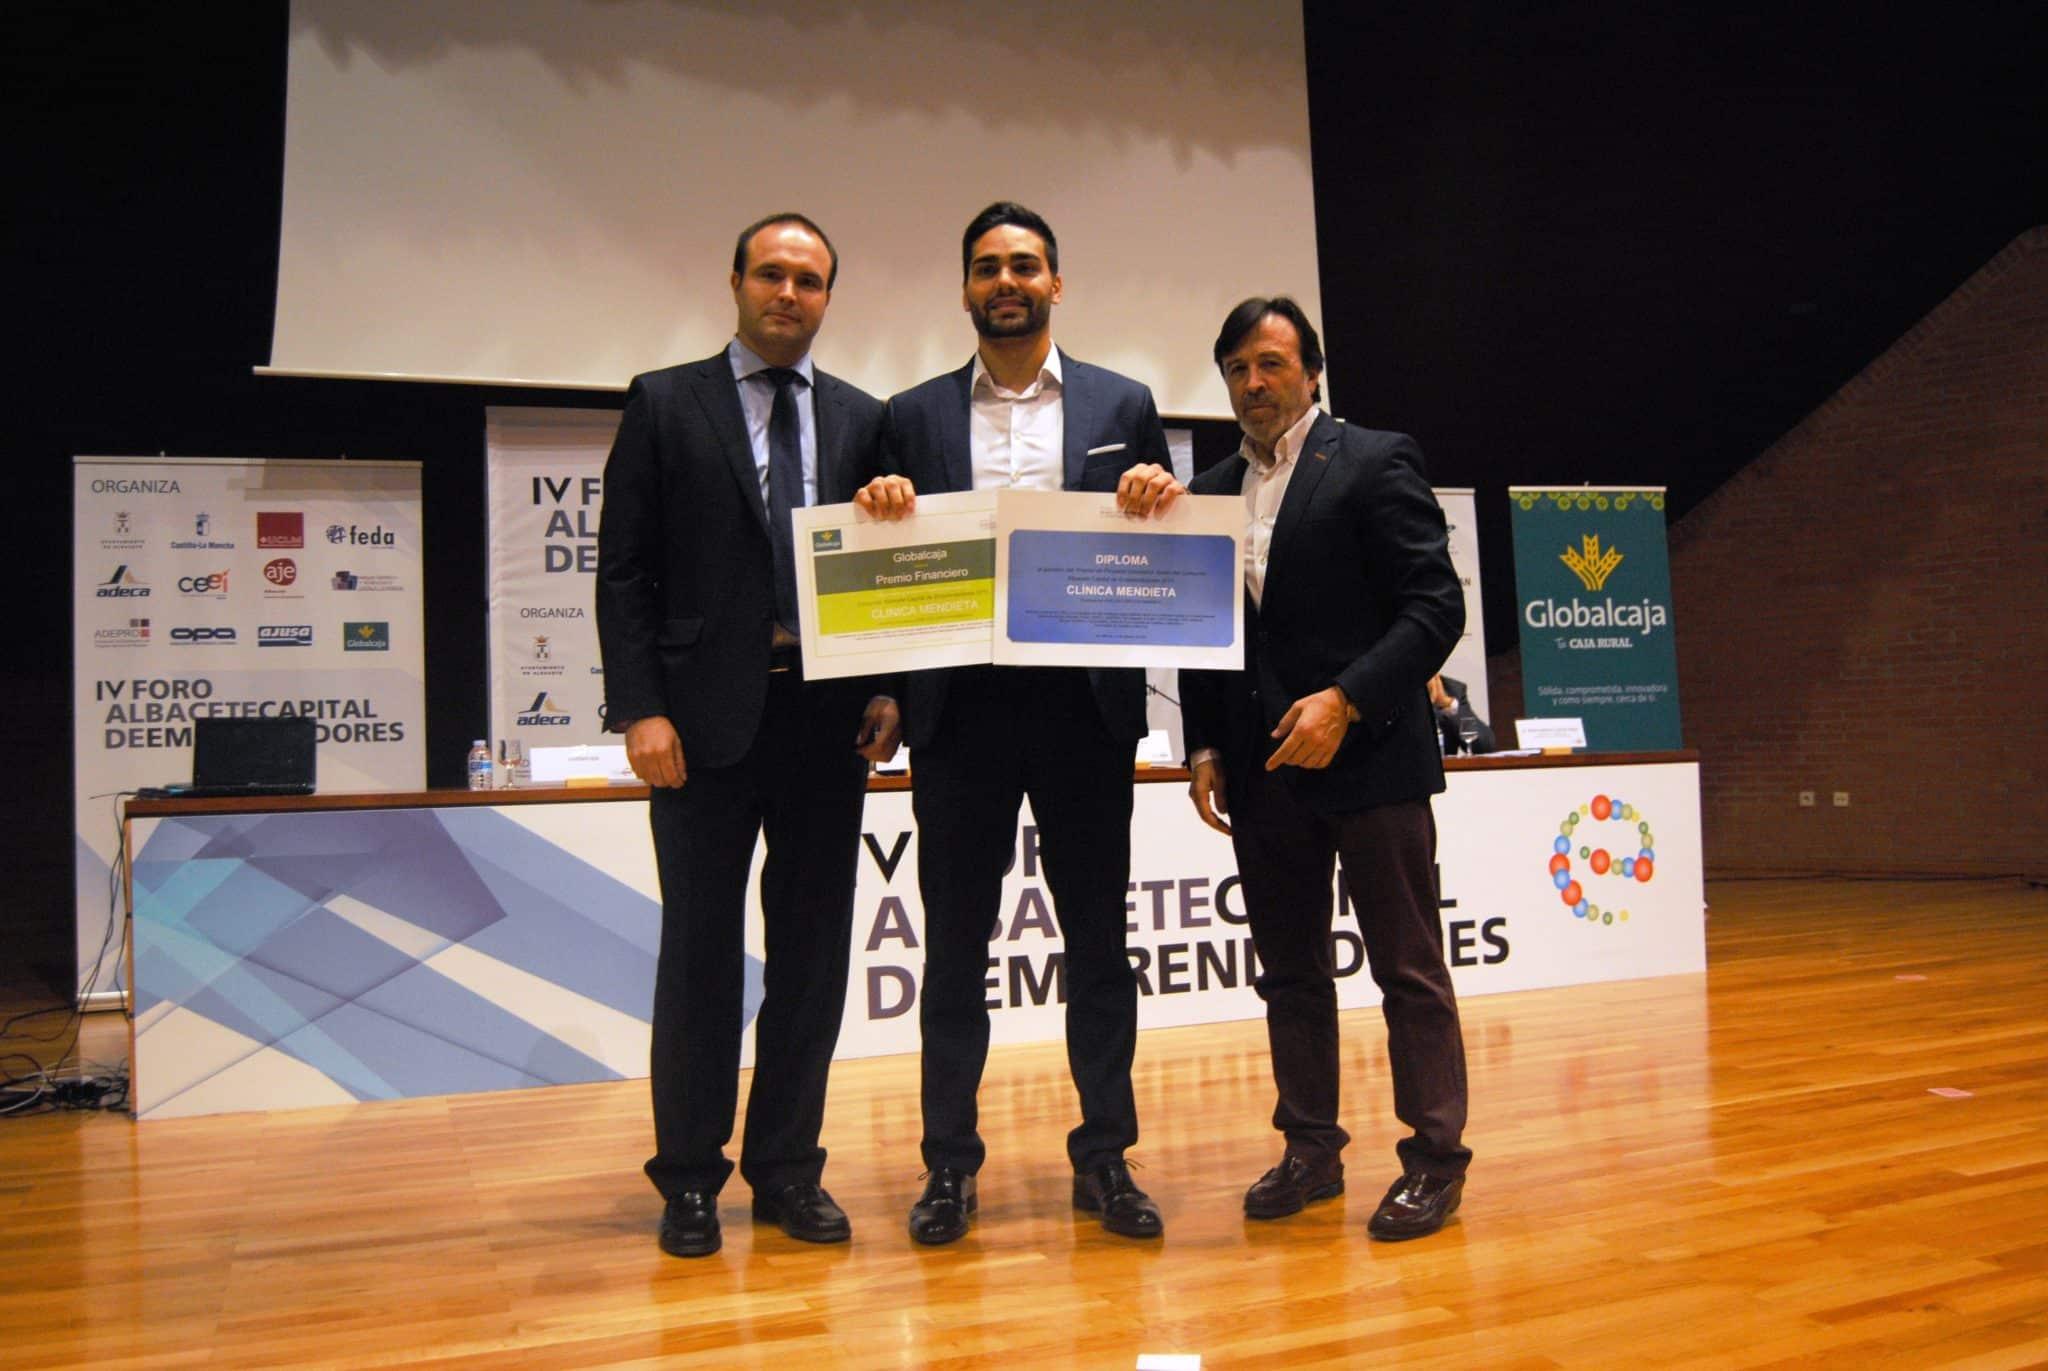 Foto ganador proyecto innovador joven. Clinica Mendieta.6-11-15